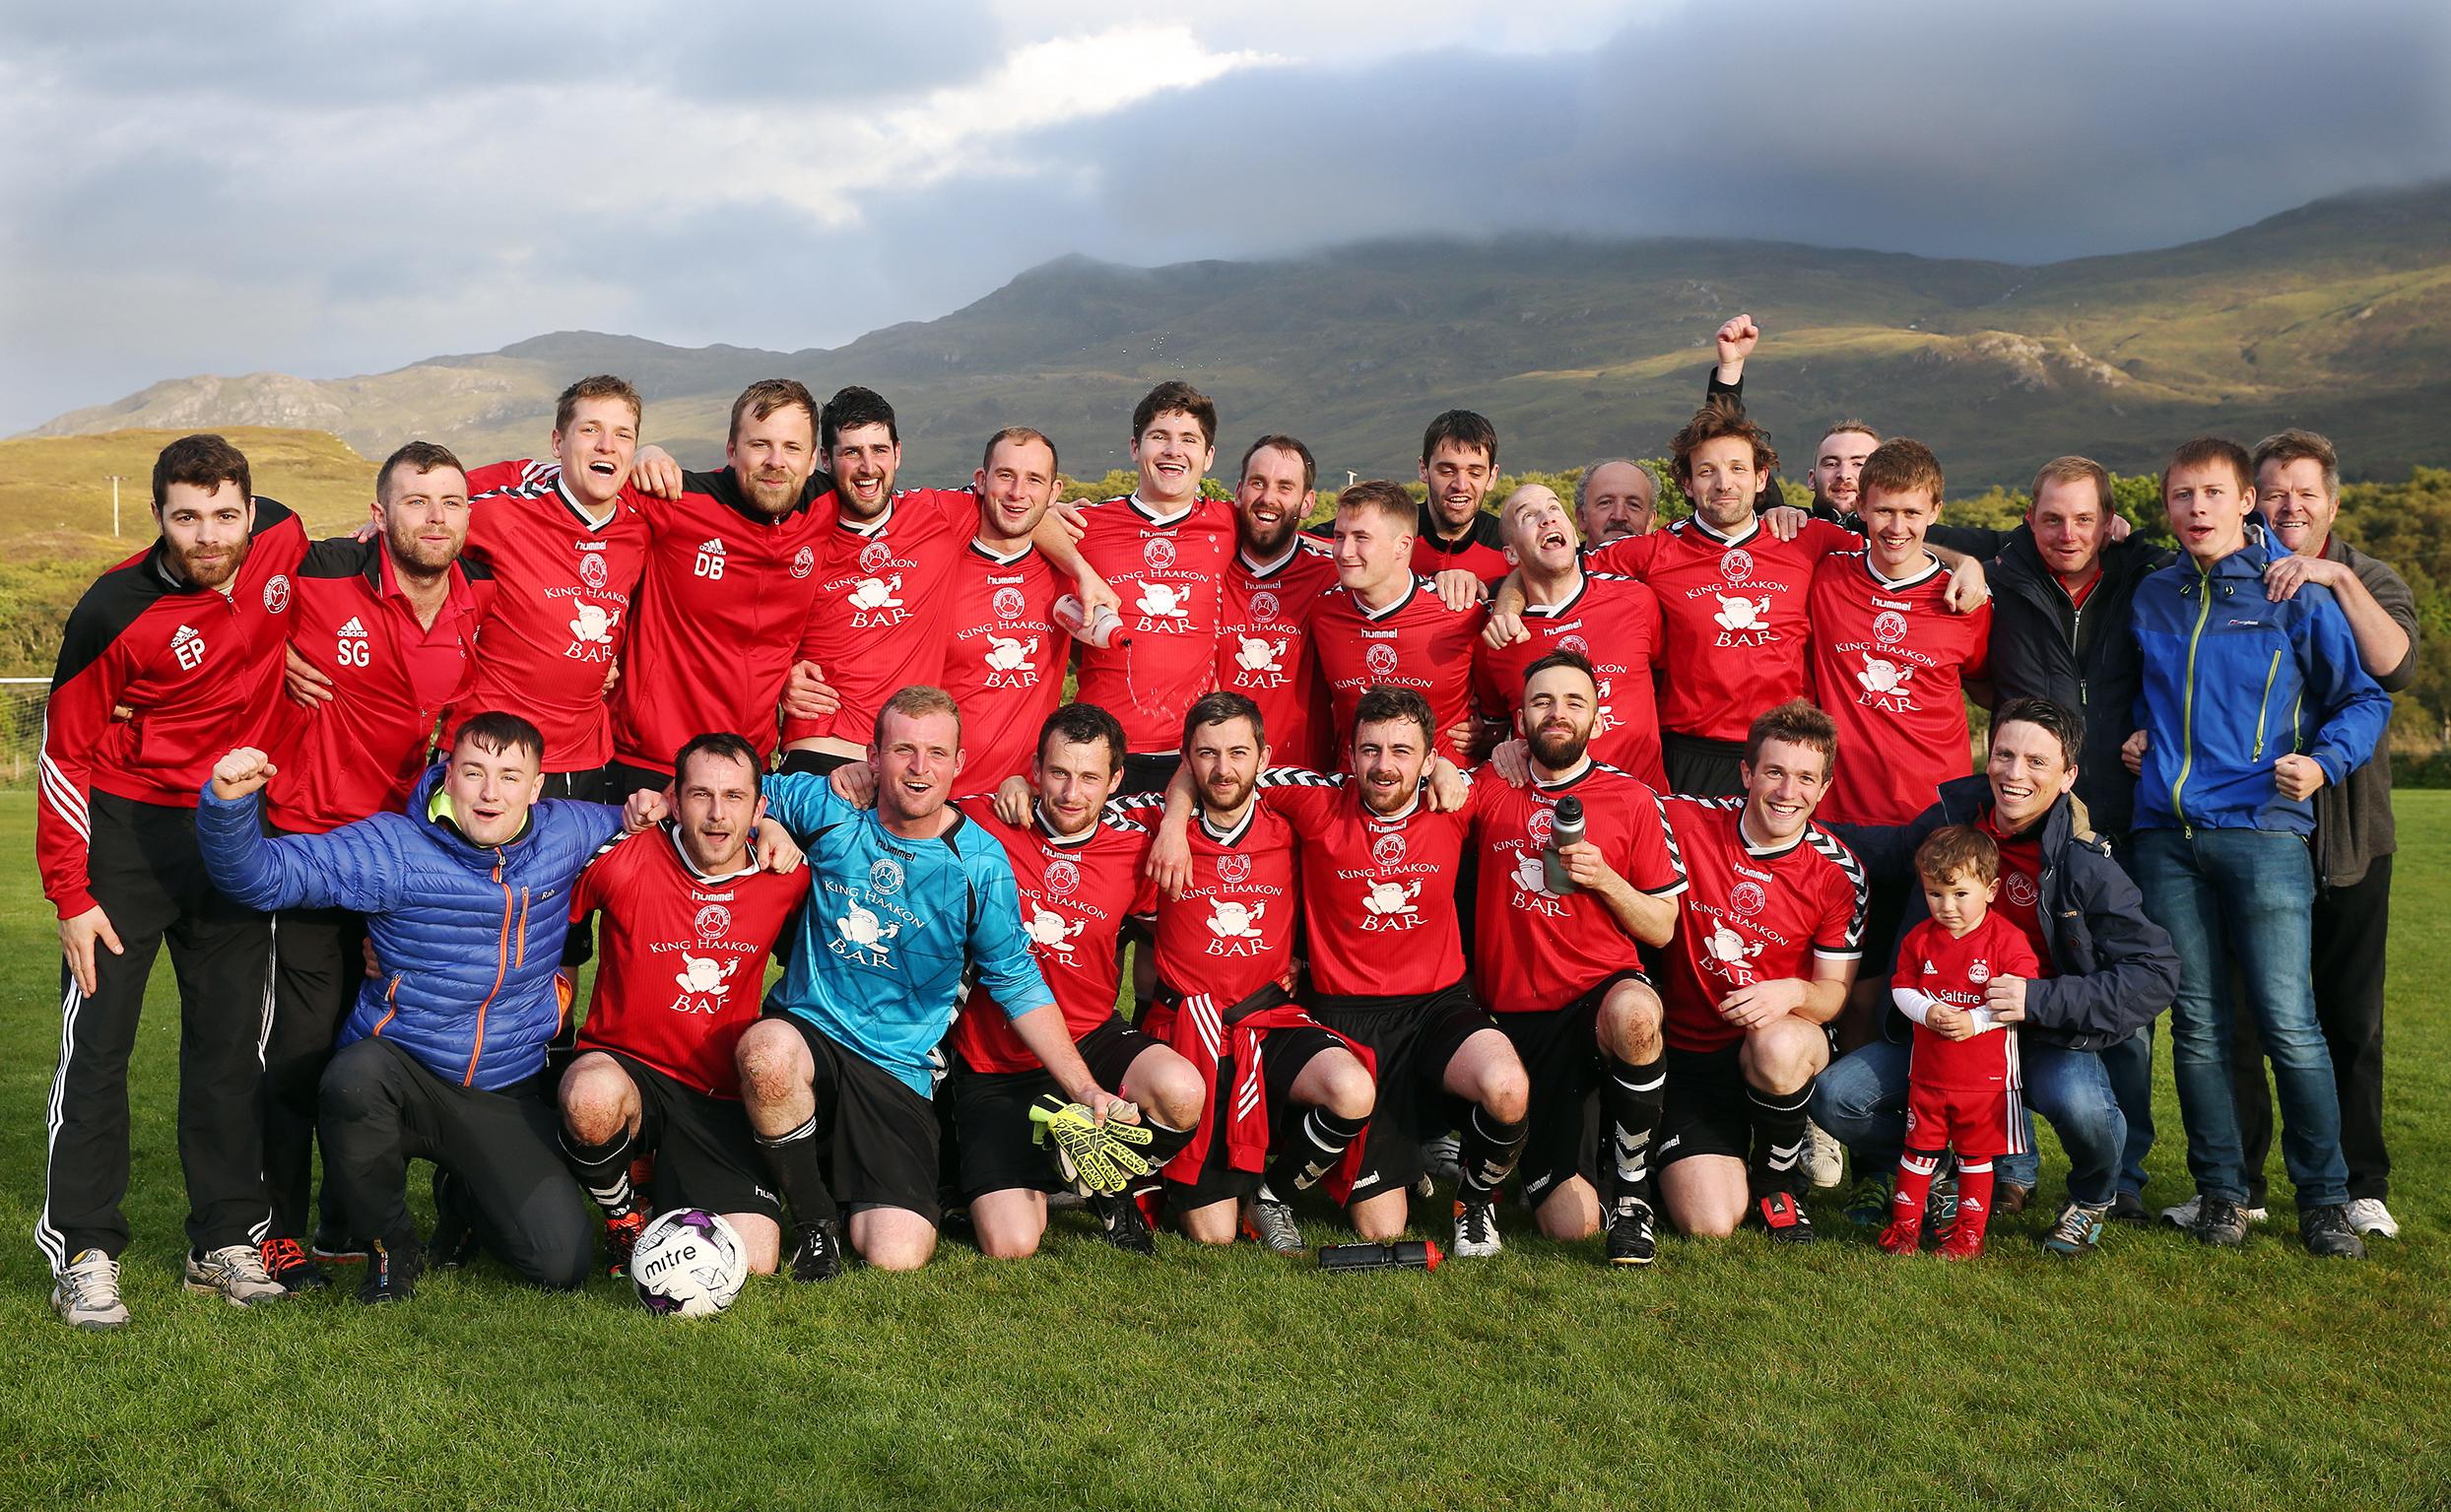 KYLEAKIN FC 17 - LEAGUE WINNERS